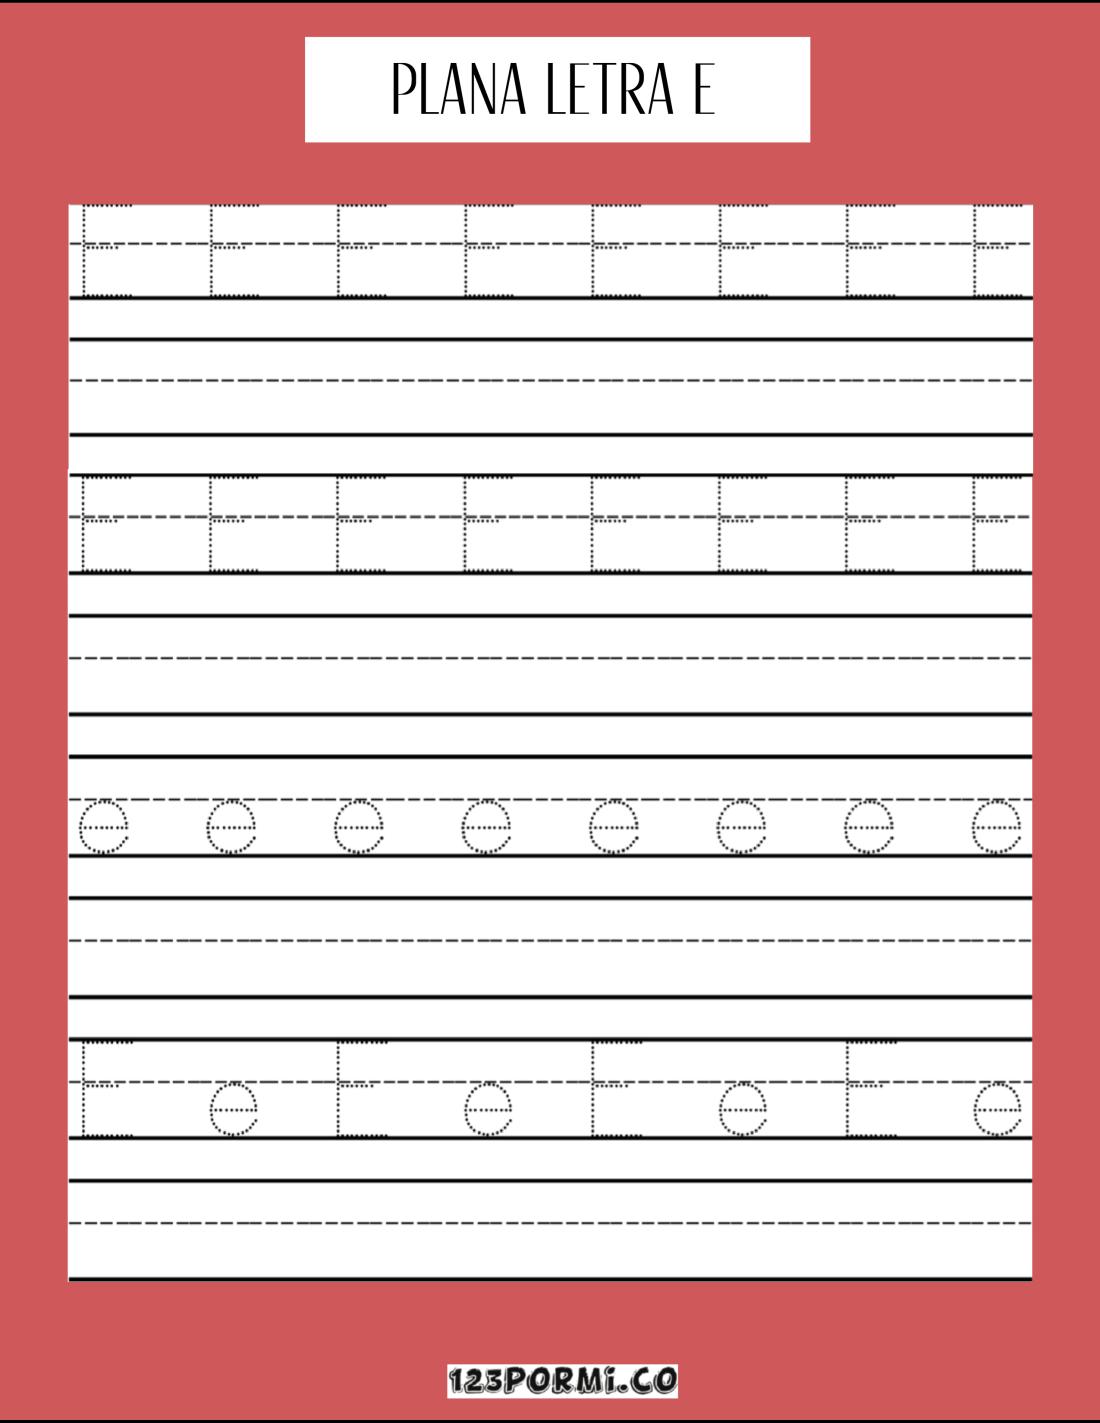 Plana letra E_Mesa de trabajo 1